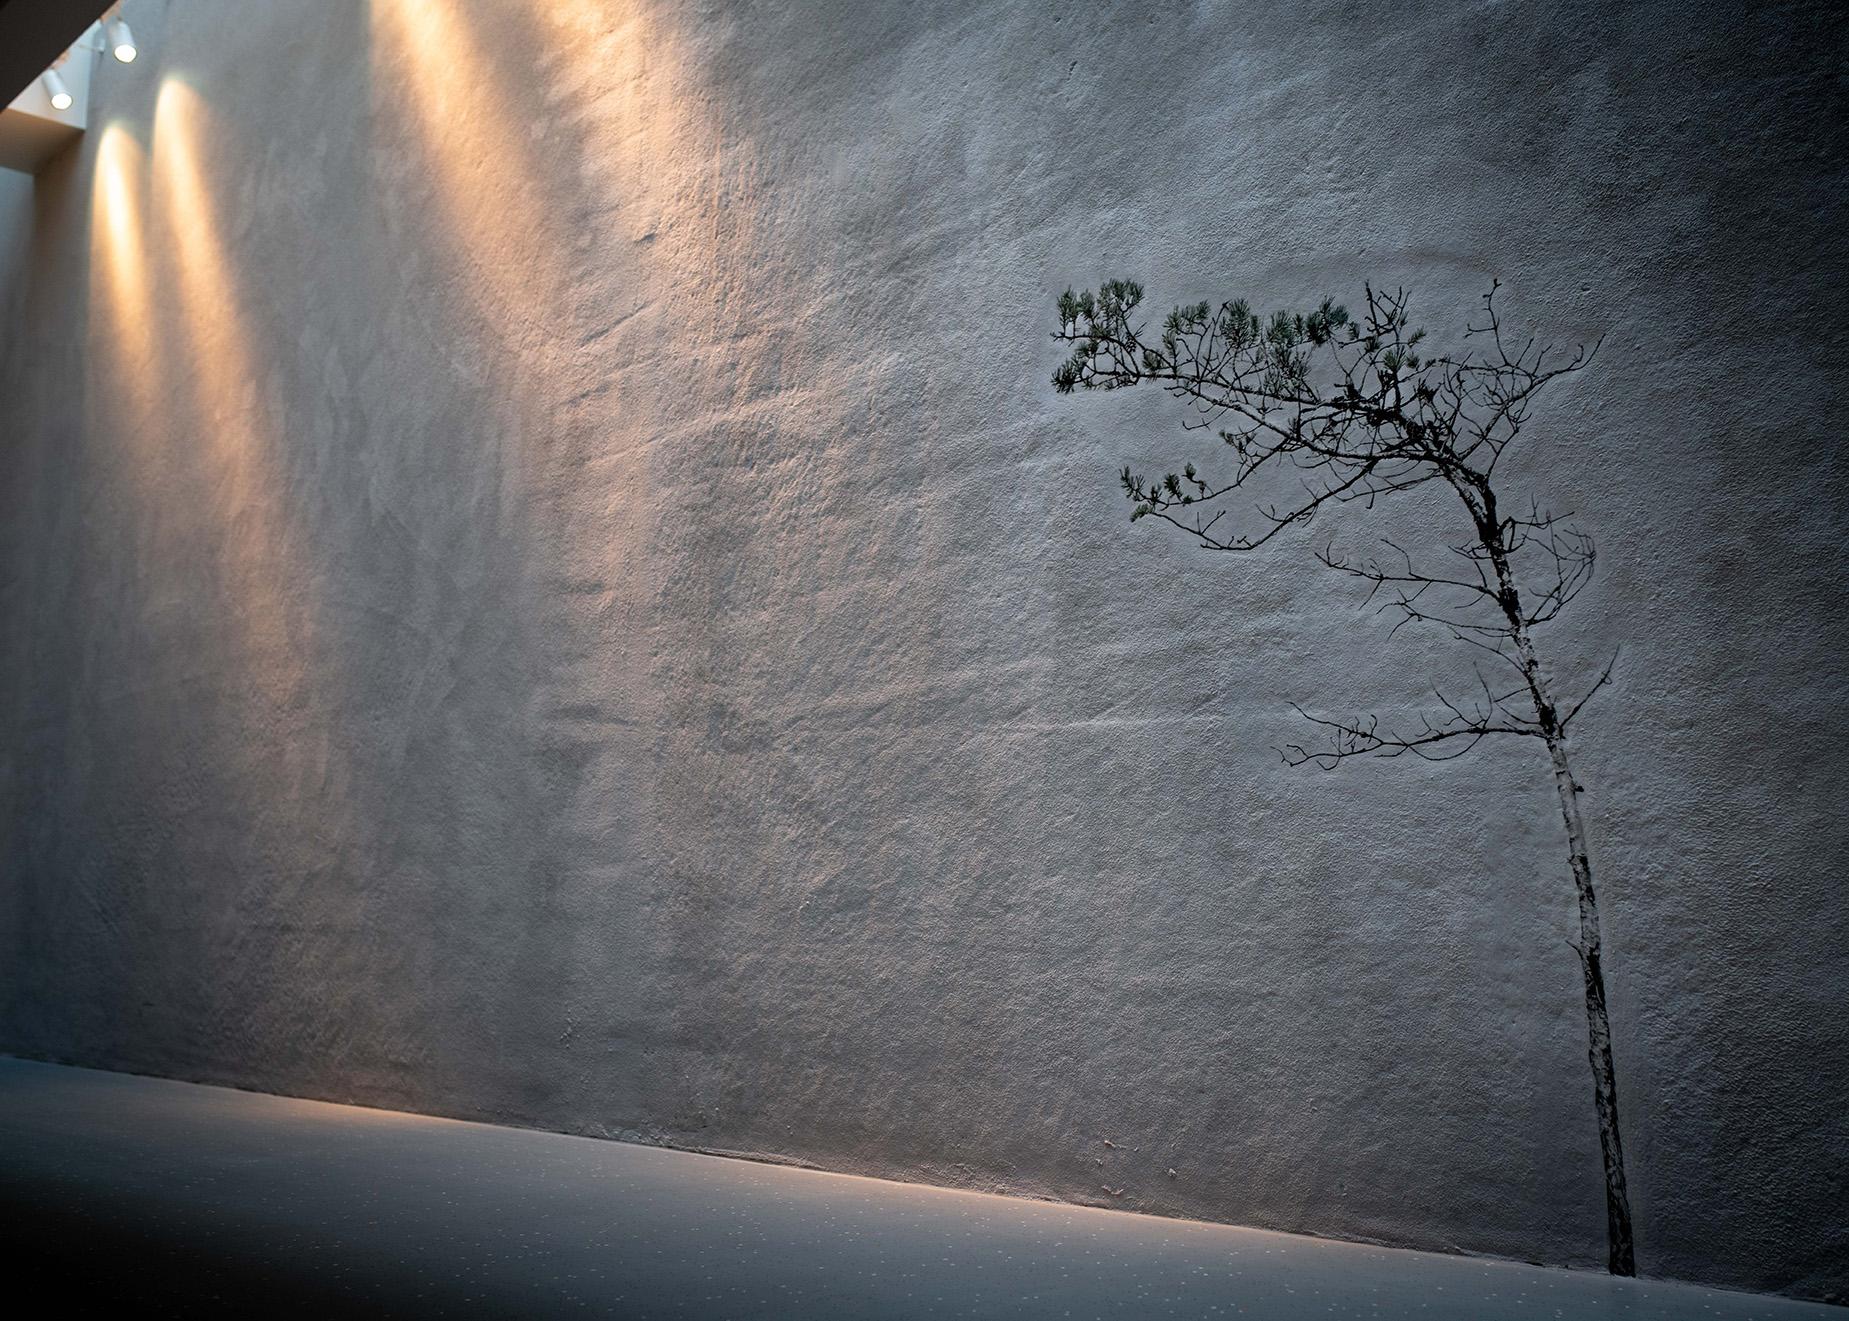 En bild av en tall på en vägg som är belyst snett uppifrån.